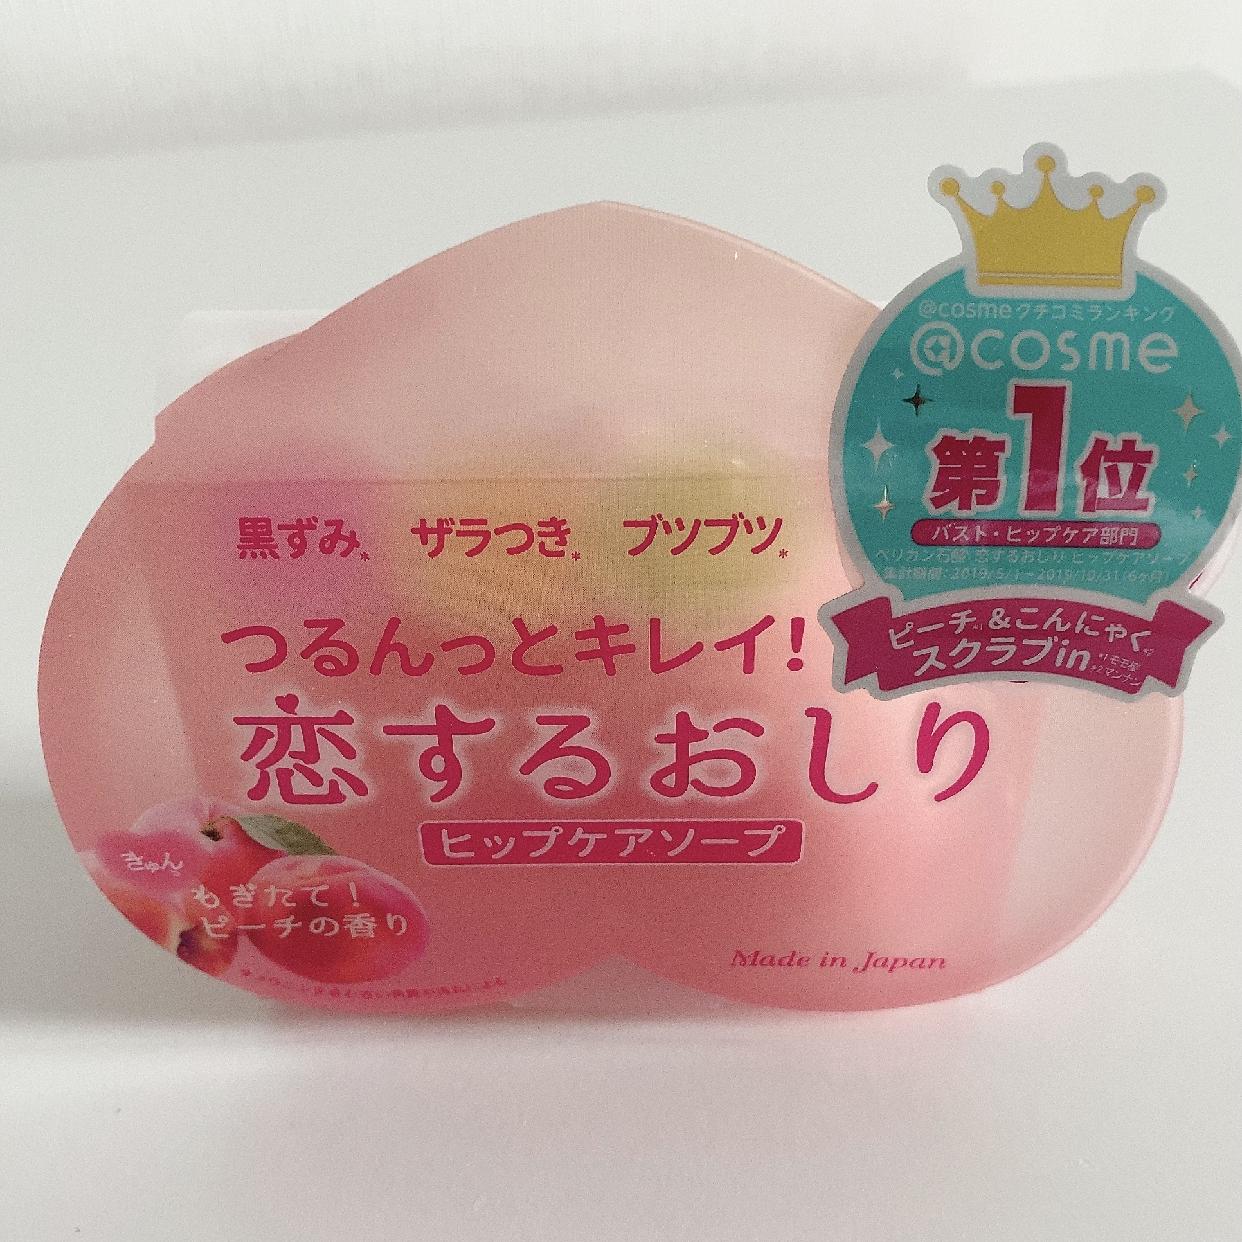 ペリカン石鹸(PELICAN SOAP) 恋するおしり ヒップケアソープを使ったスピリチュアルカウンセラーあいさんのクチコミ画像2